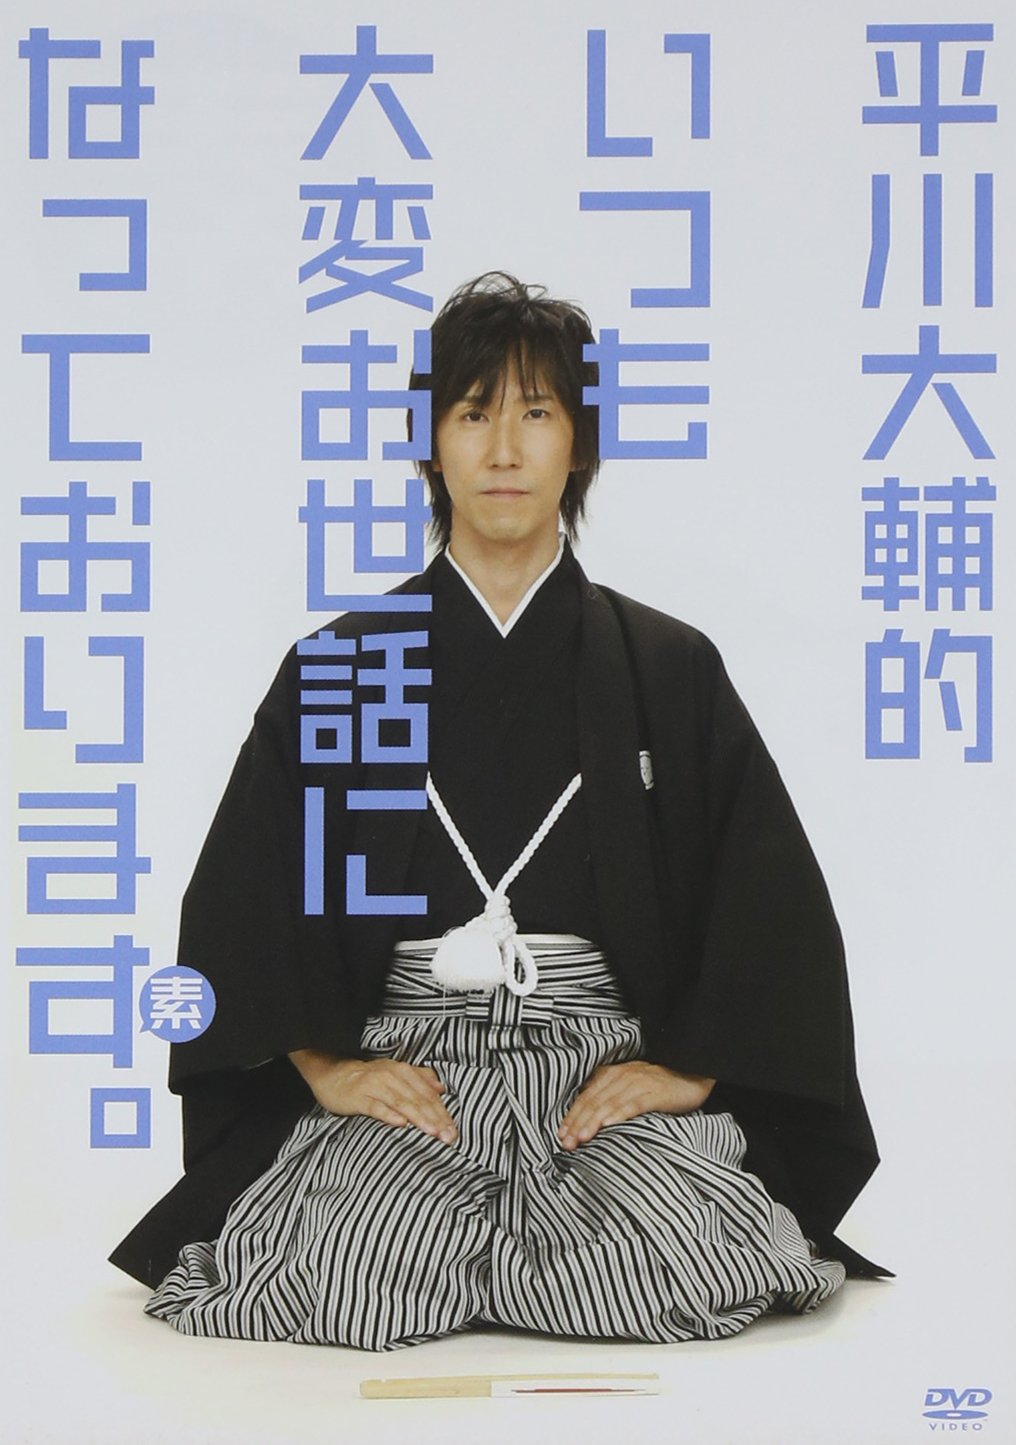 癒し系お兄ちゃん声優平川大輔のキャラ・歌・性格など全網羅